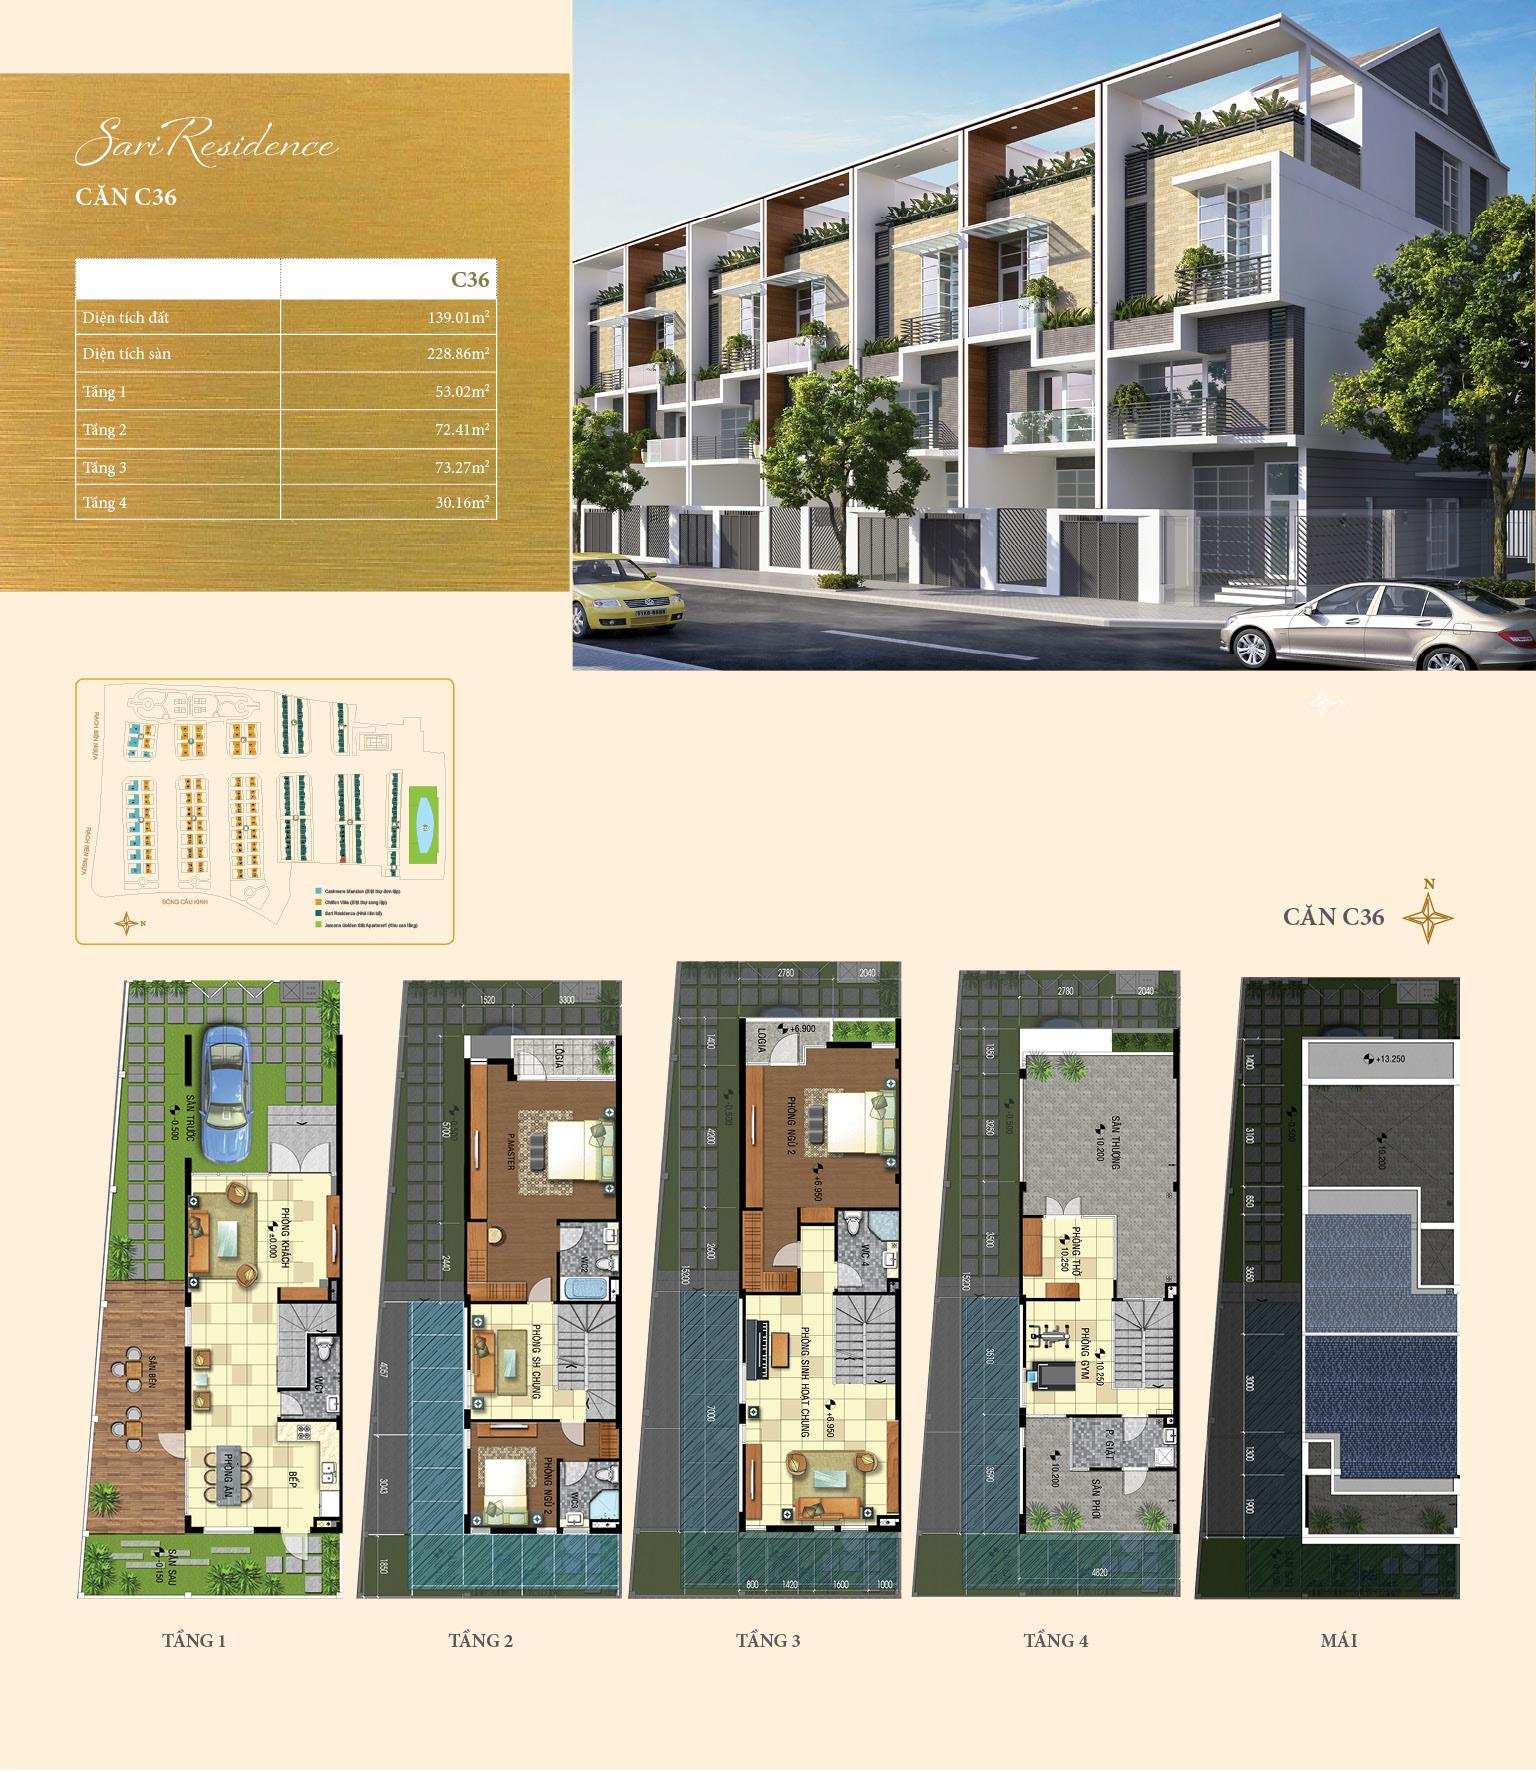 sari-residence-c36